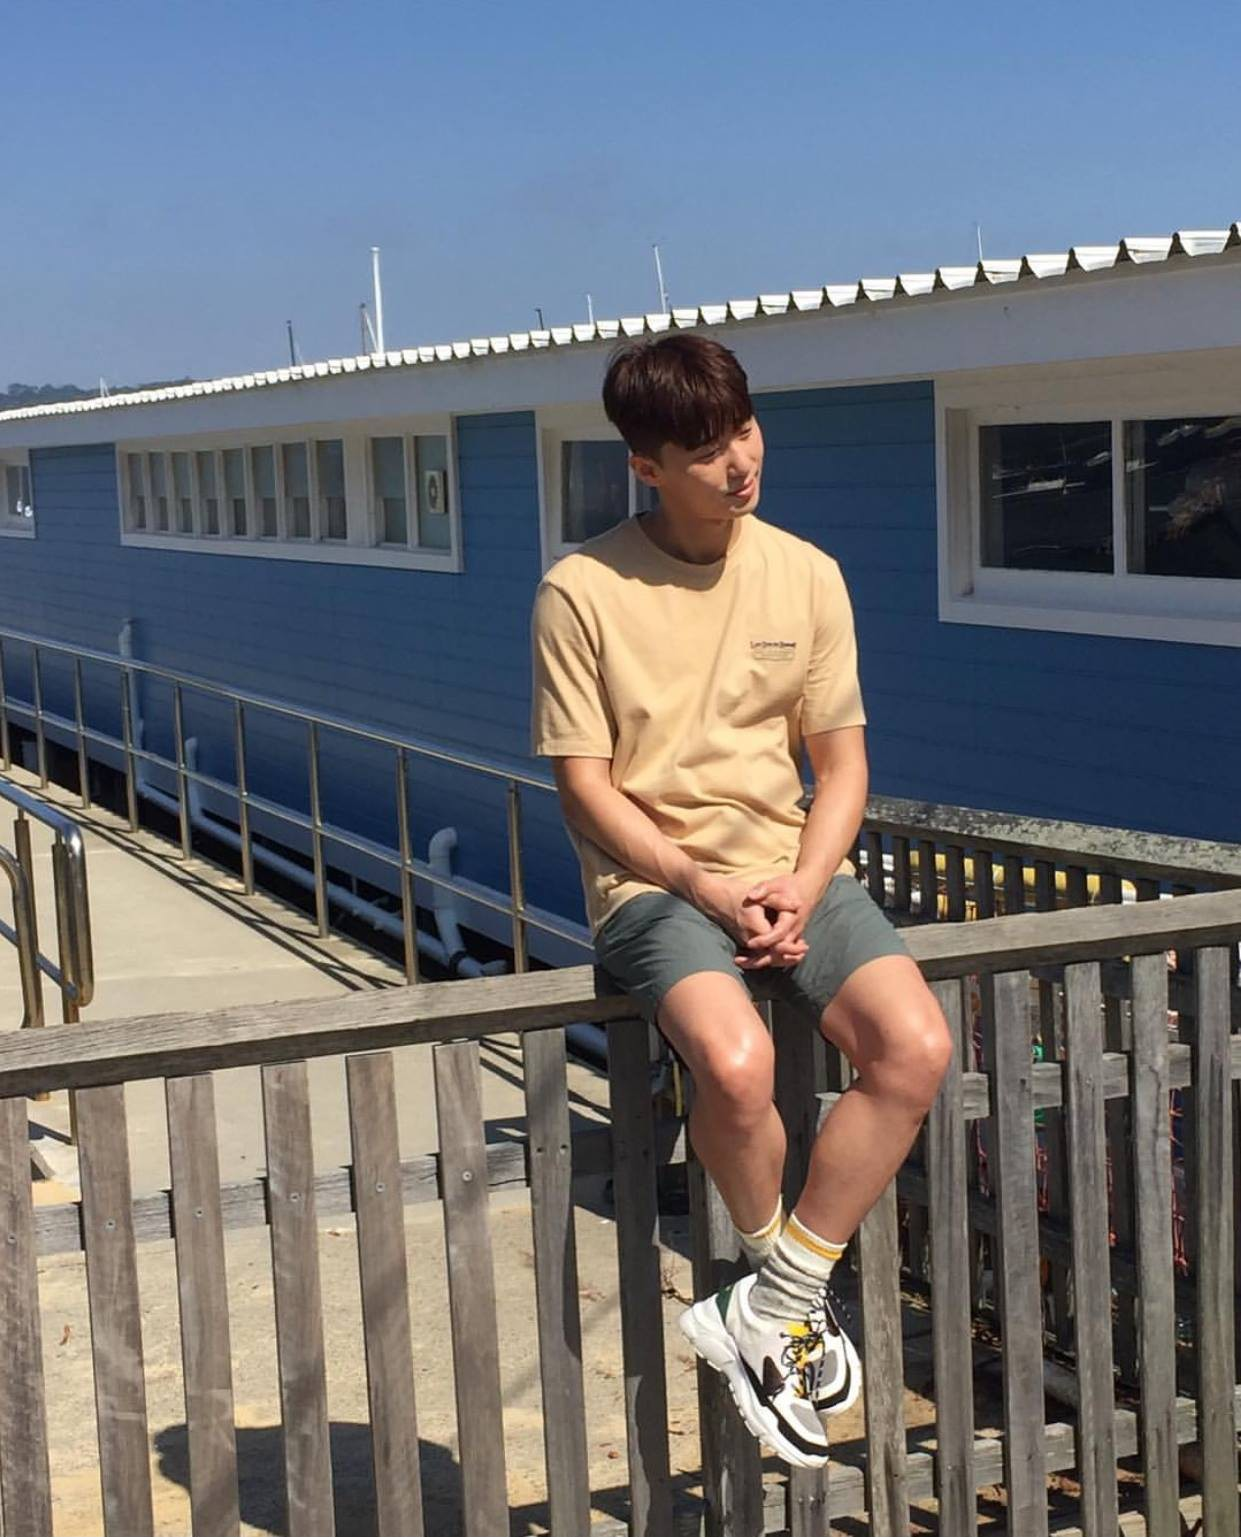 Chuyện đáng yêu nhất hôm nay: Bác Tây chụp lén trai đẹp ở Úc, sau tá hỏa vì phát hiện chàng là tài tử Park Seo Joon - Ảnh 3.